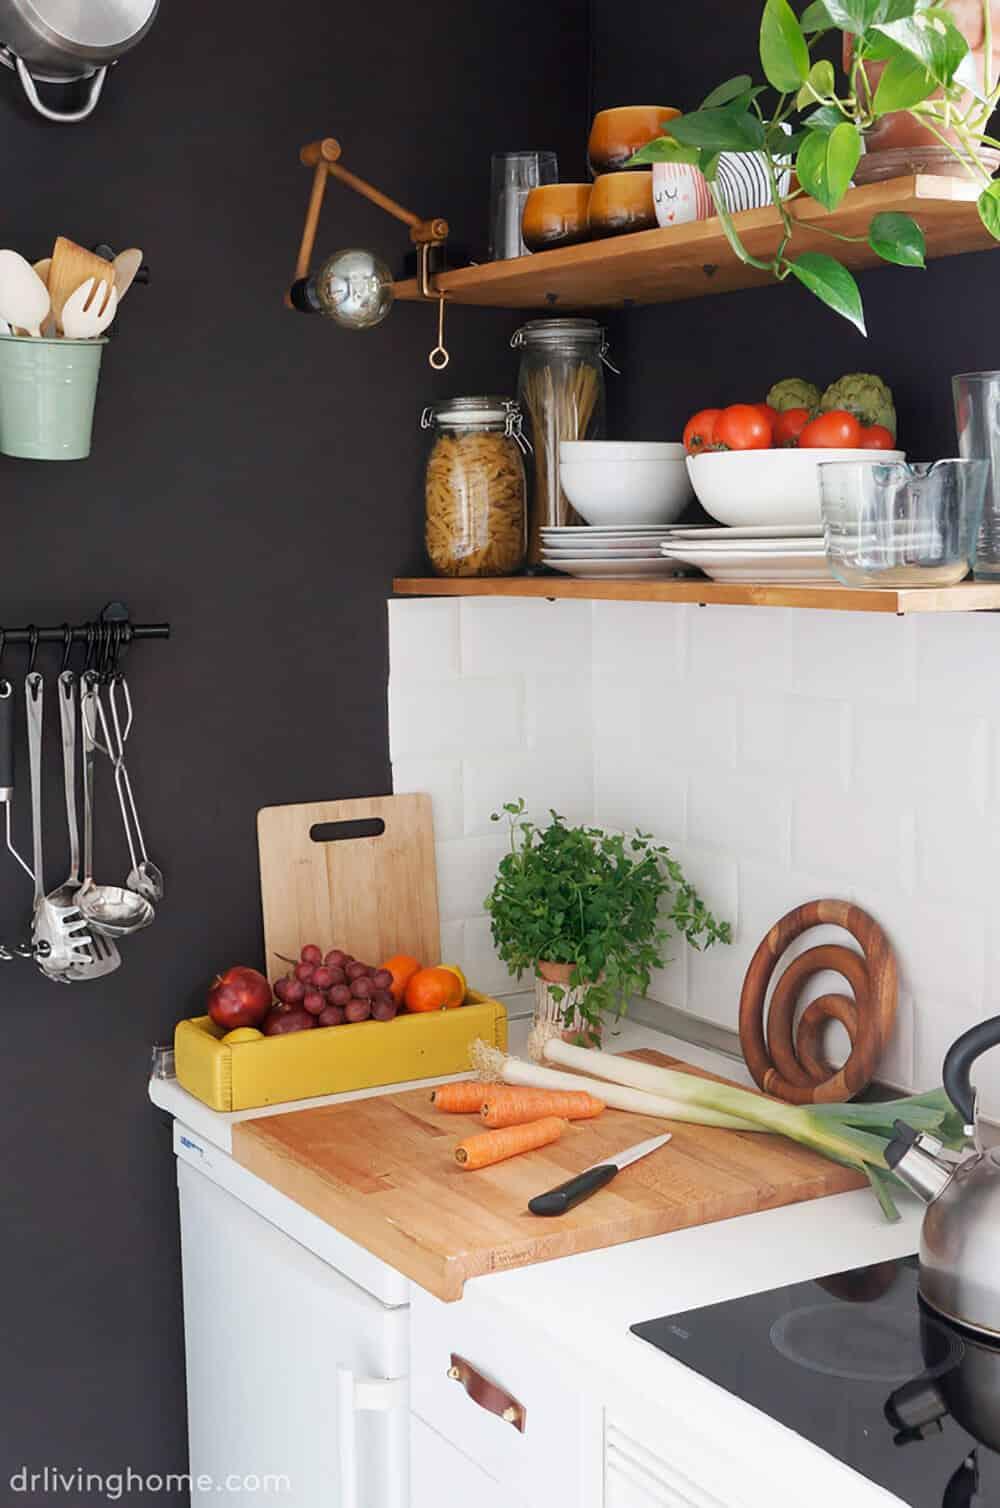 DIY Kitchen Makeover Dr Livinghome After Affordable Redo Emily Henderson